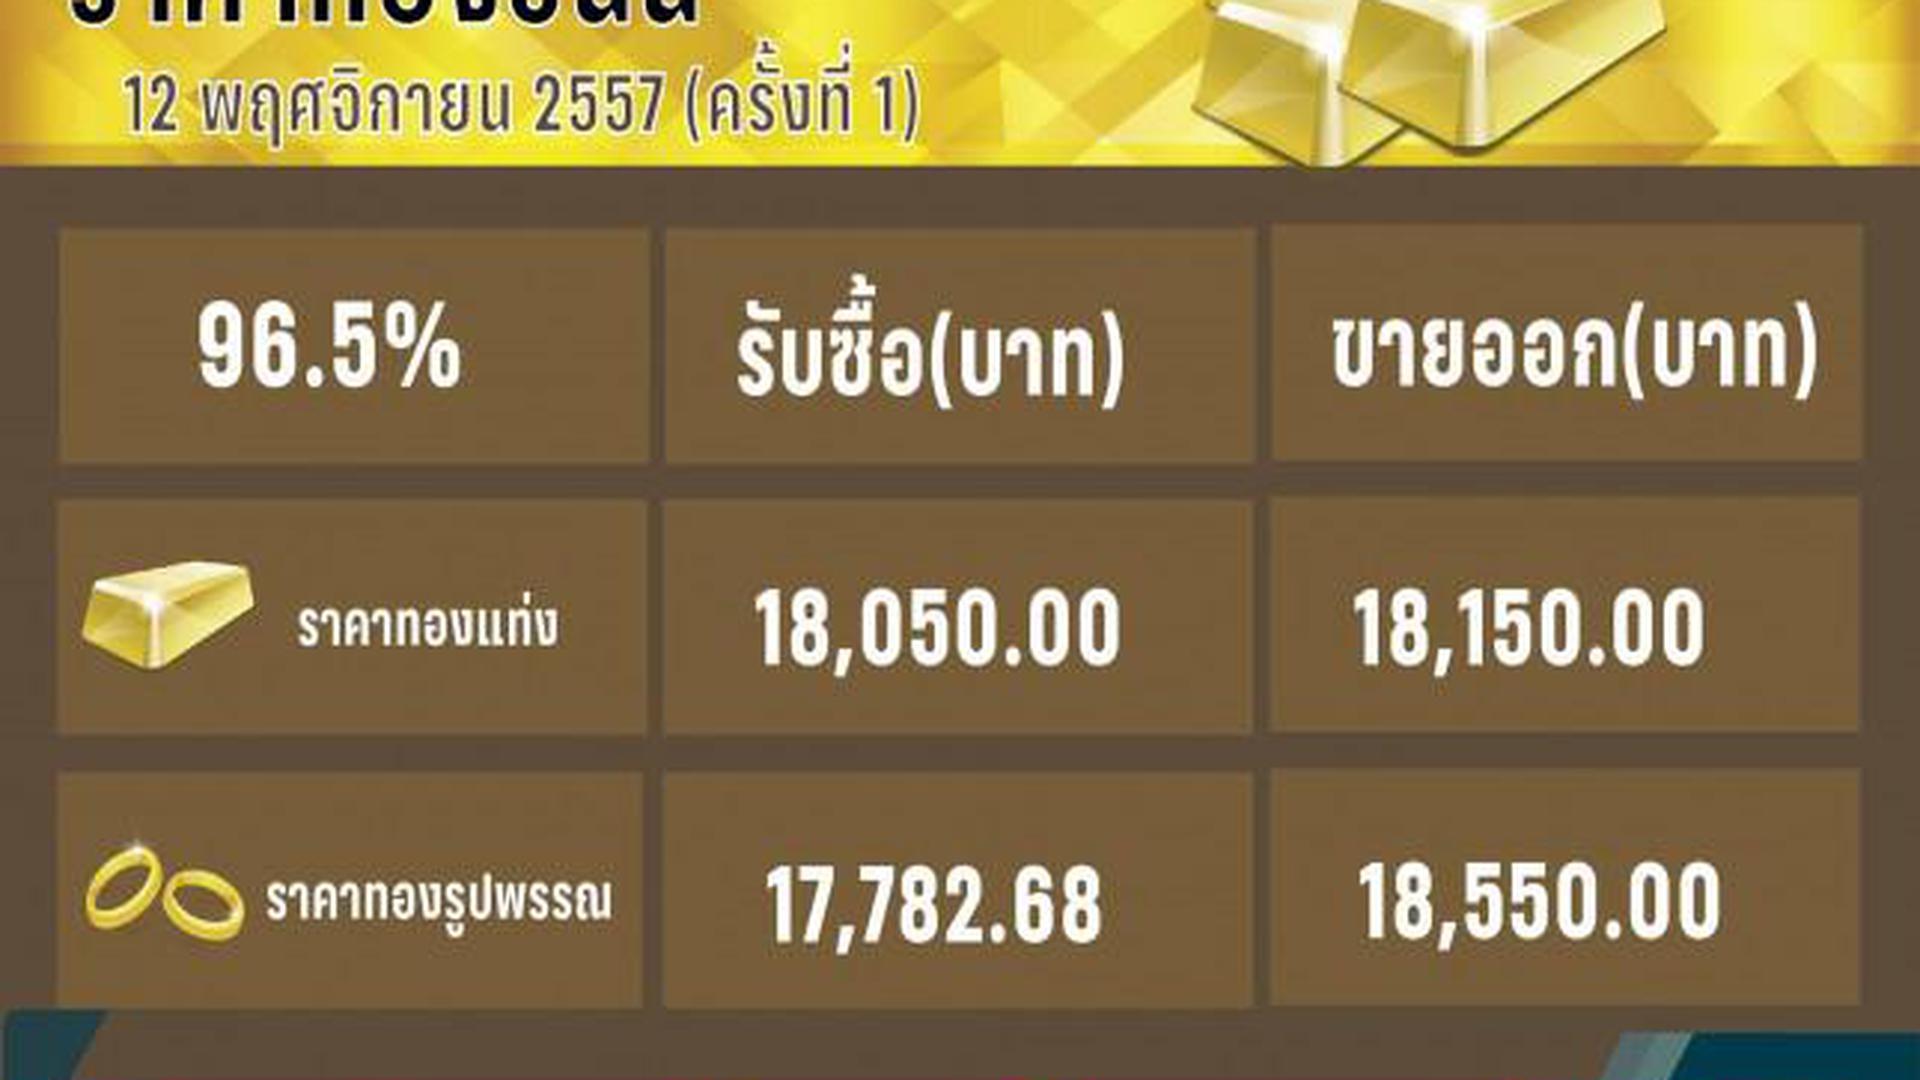 ทองขึ้น 200 บาท